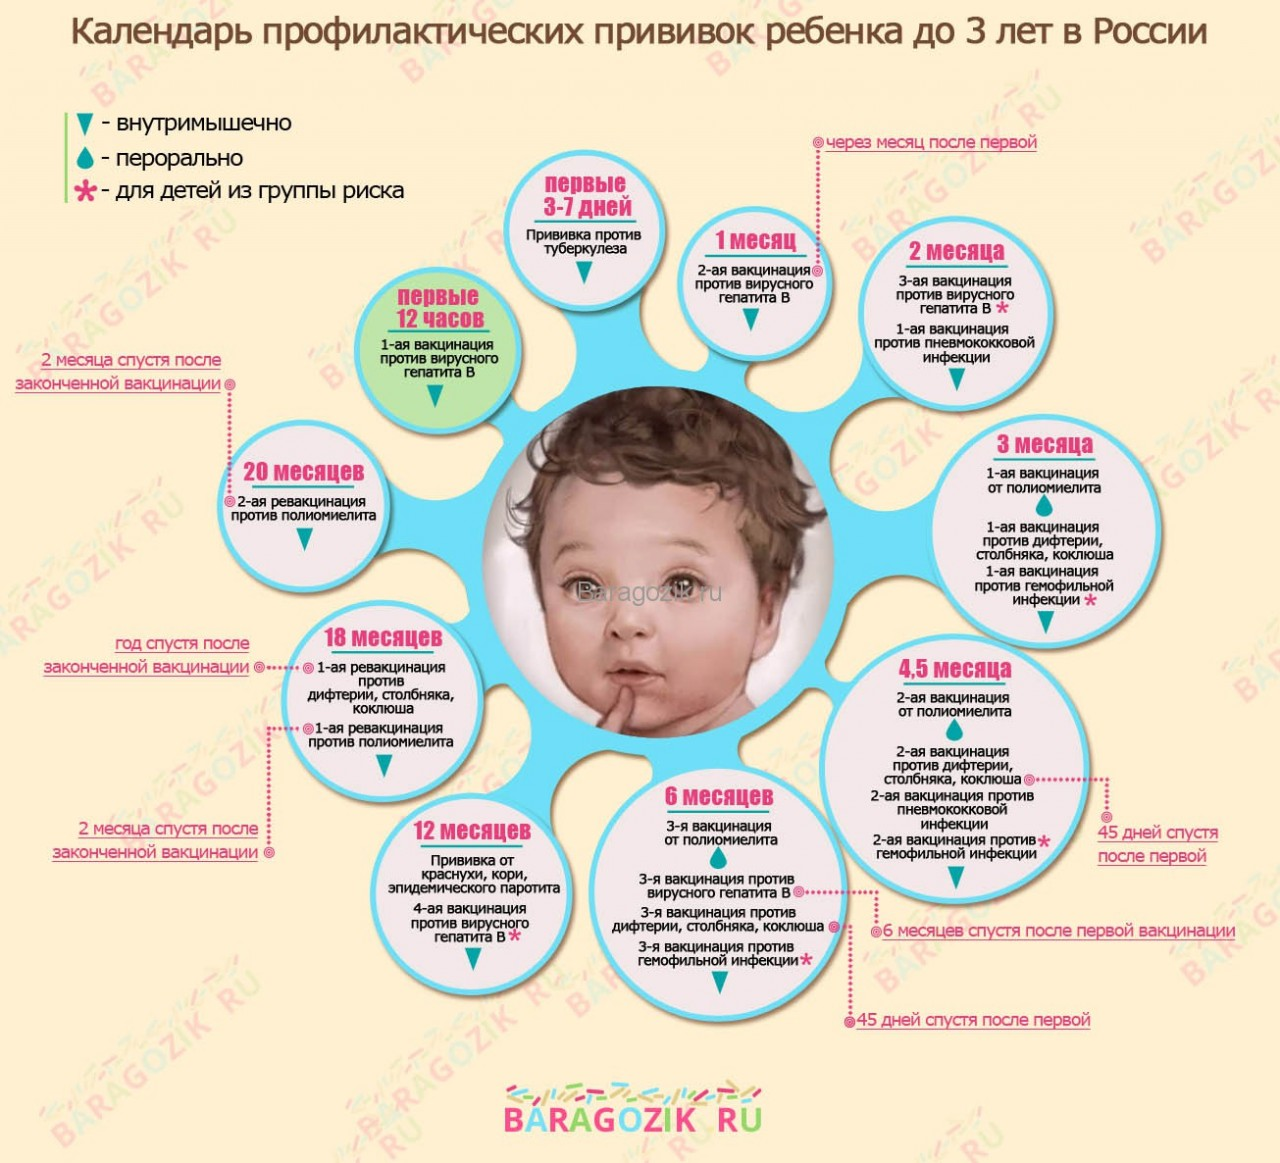 Можно ли на следующий день после завершения курса назонекса делать ребенку прививку корь краснуха паротит?